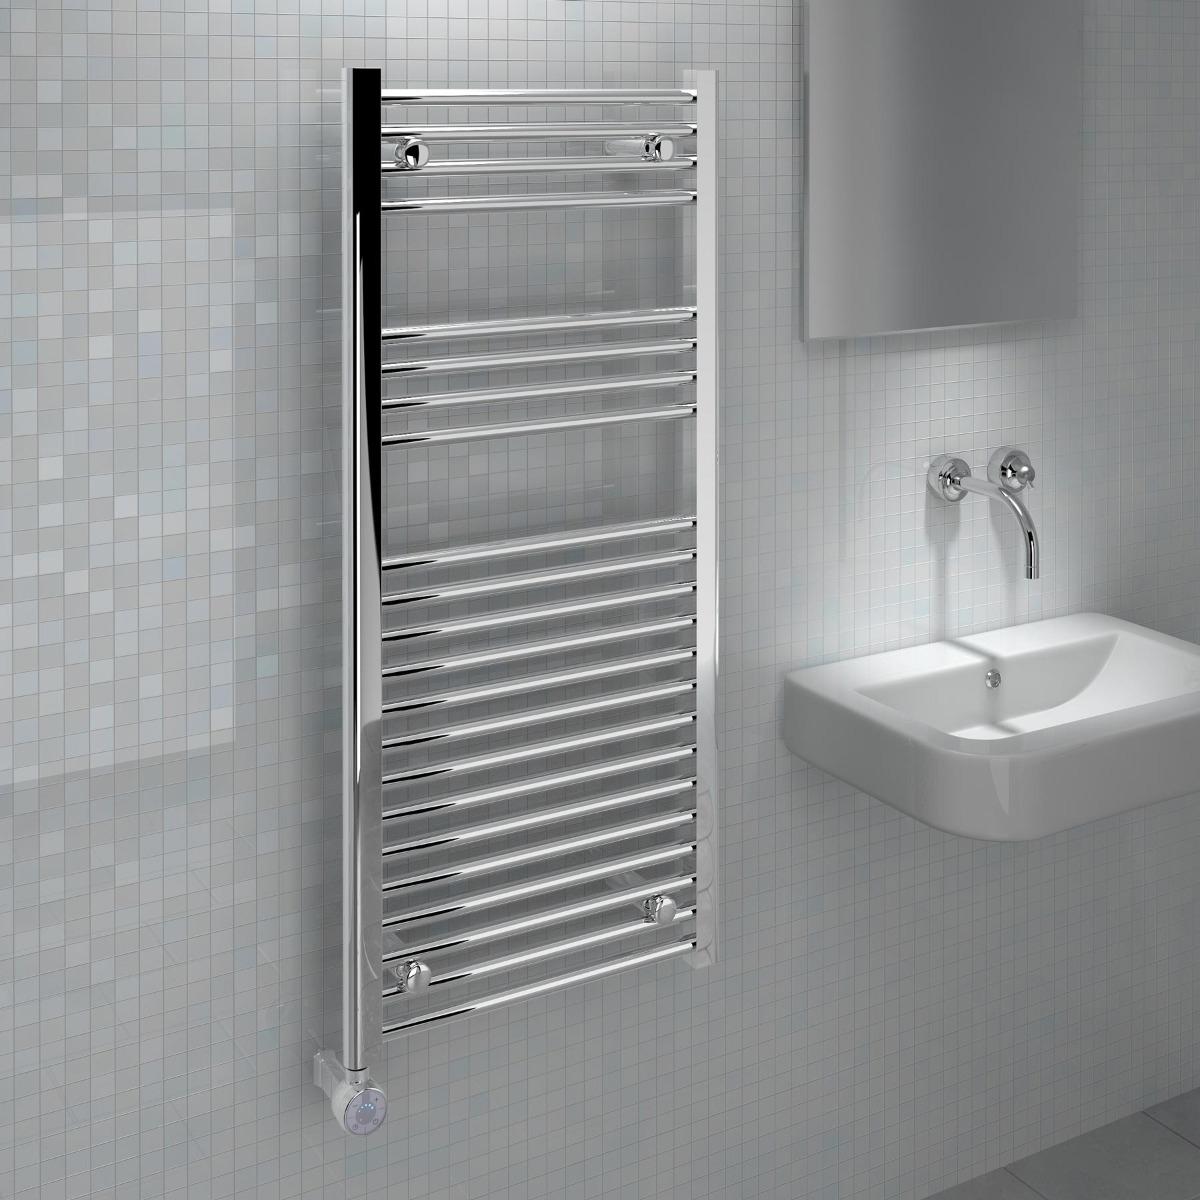 Ecostrad Fina-E Thermostatic Chrome Towel Rail